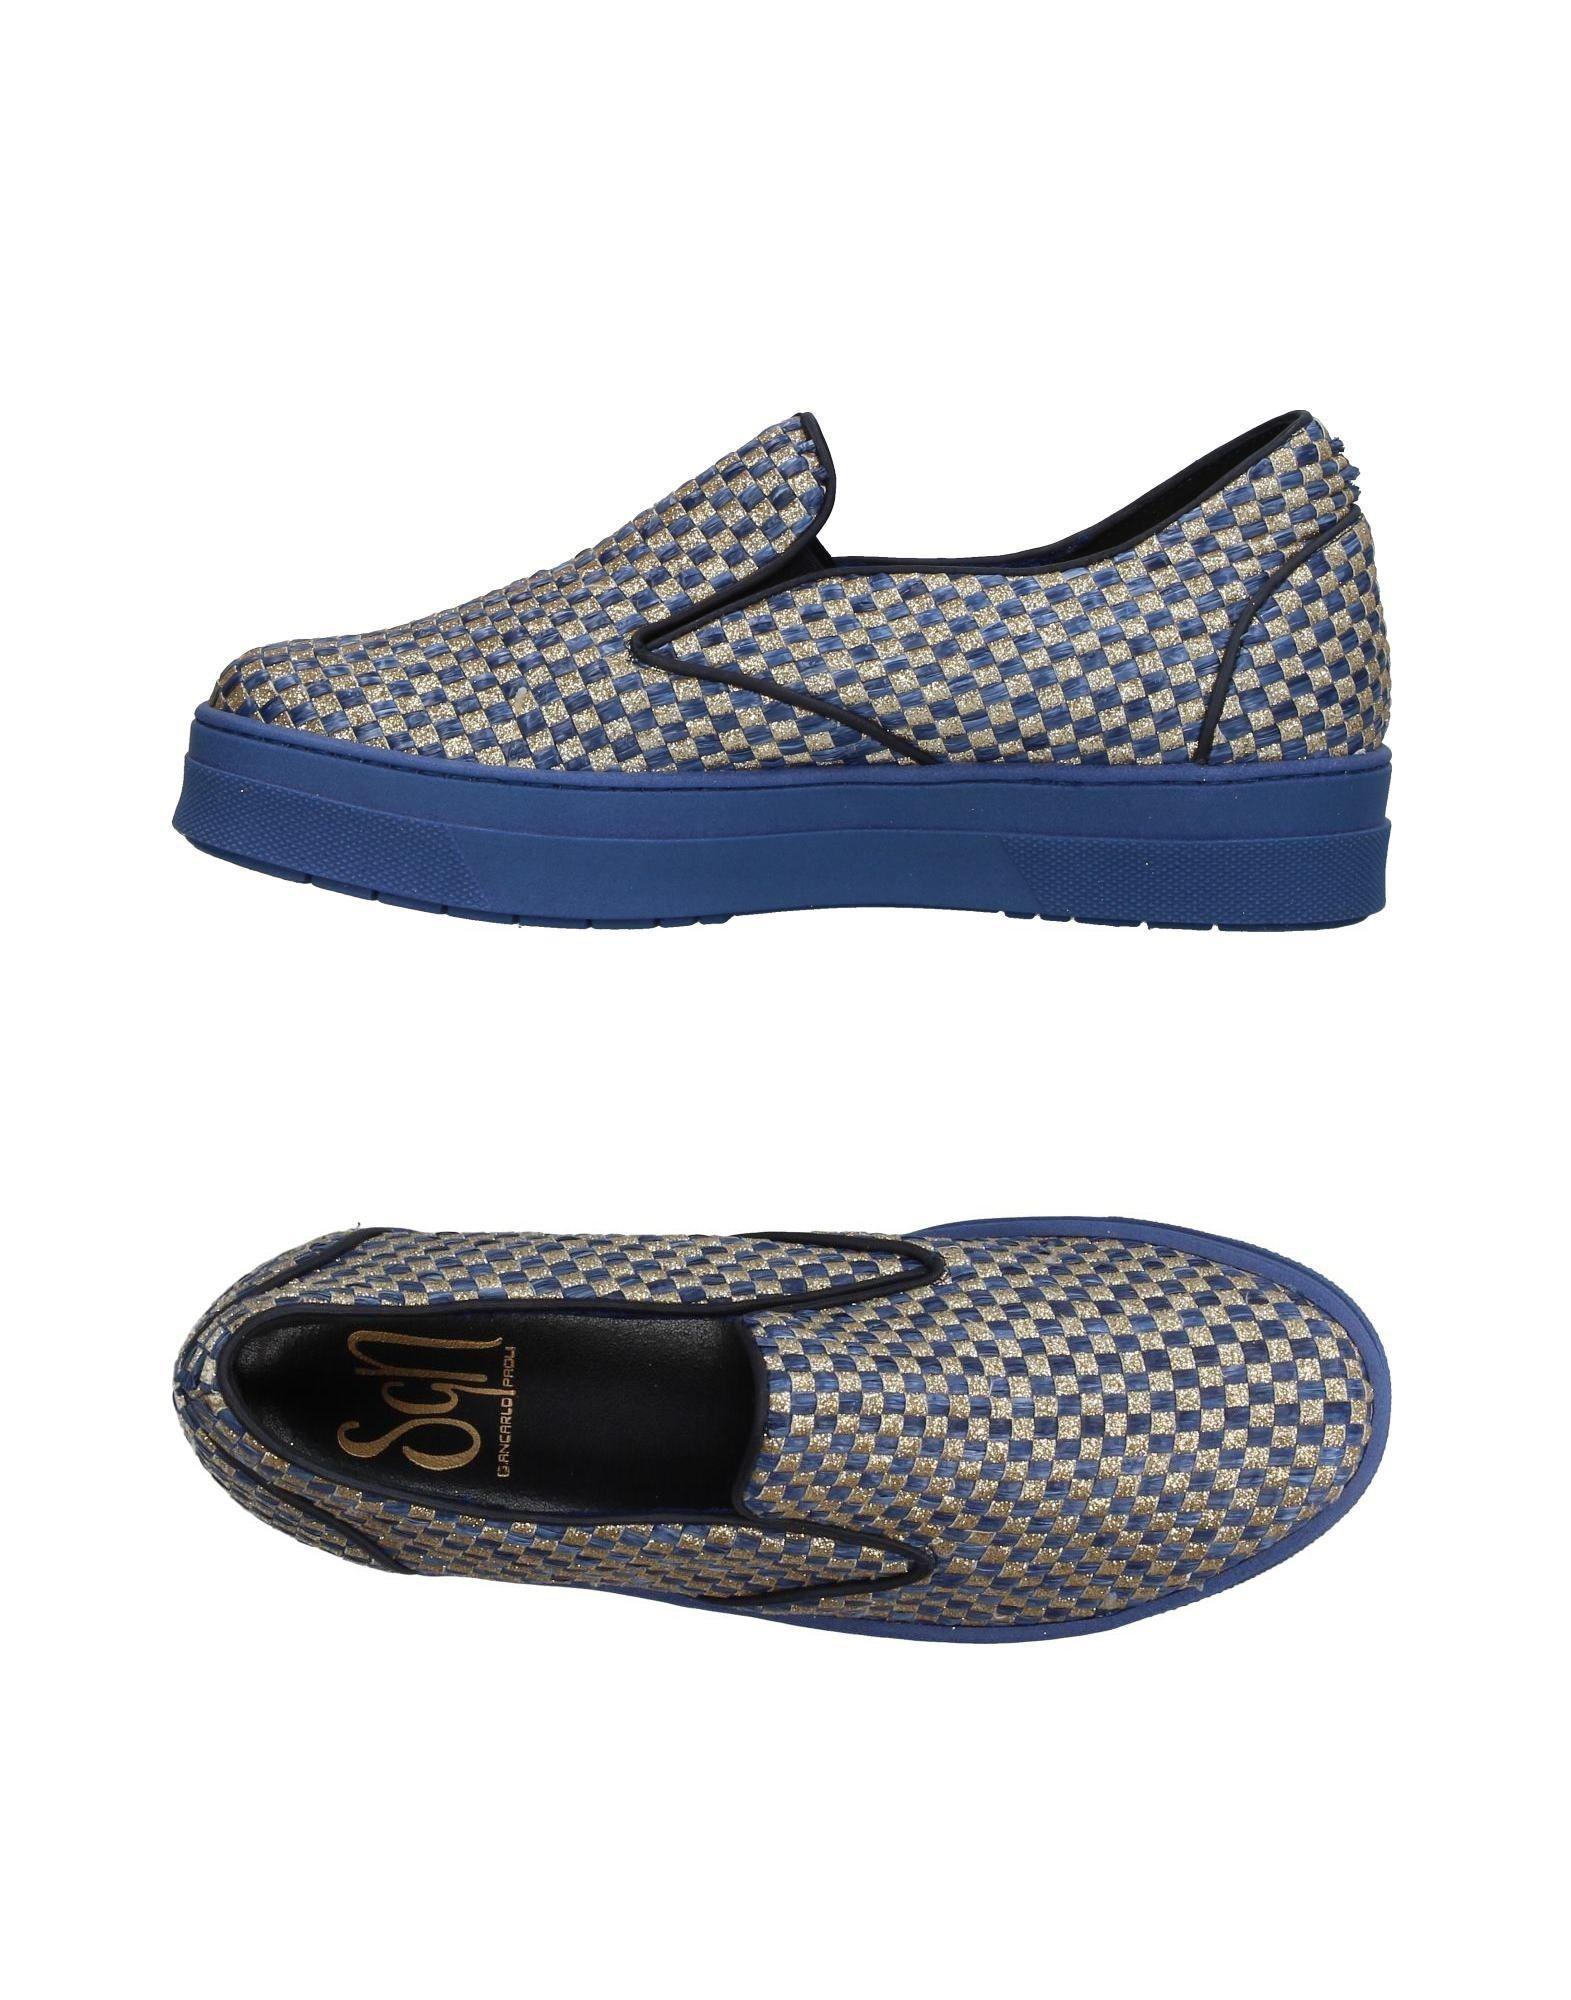 FOOTWEAR - Low-tops & sneakers Giancarlo Paoli Sale Nicekicks 4CEj3